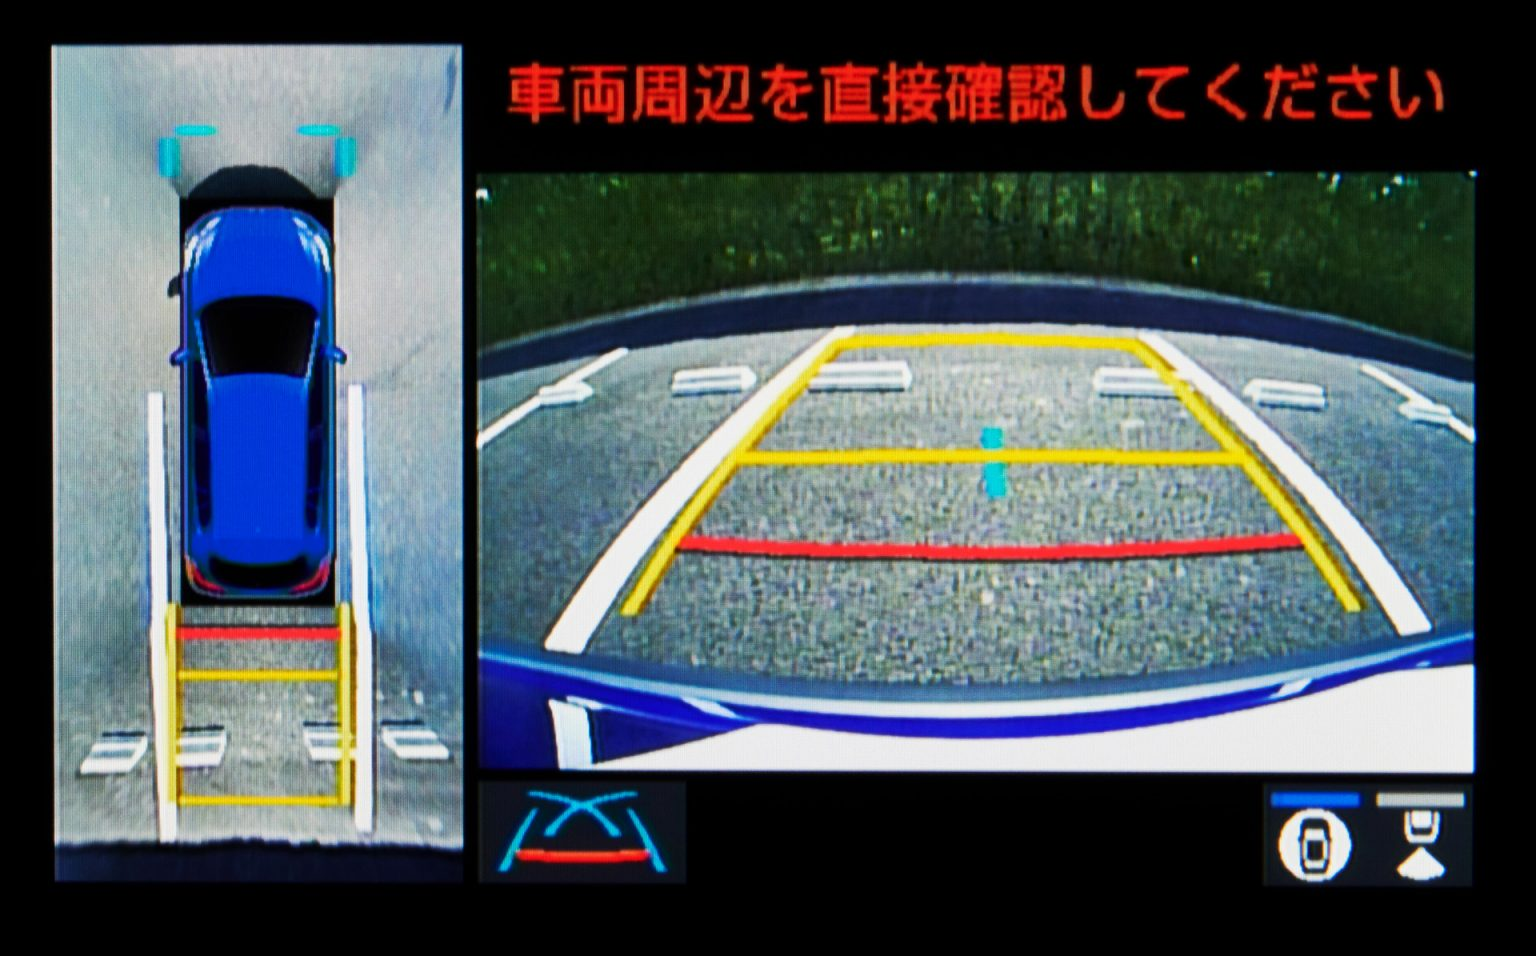 تويوتا كورولا كروس 2022 - كاميرا ركن السيارة